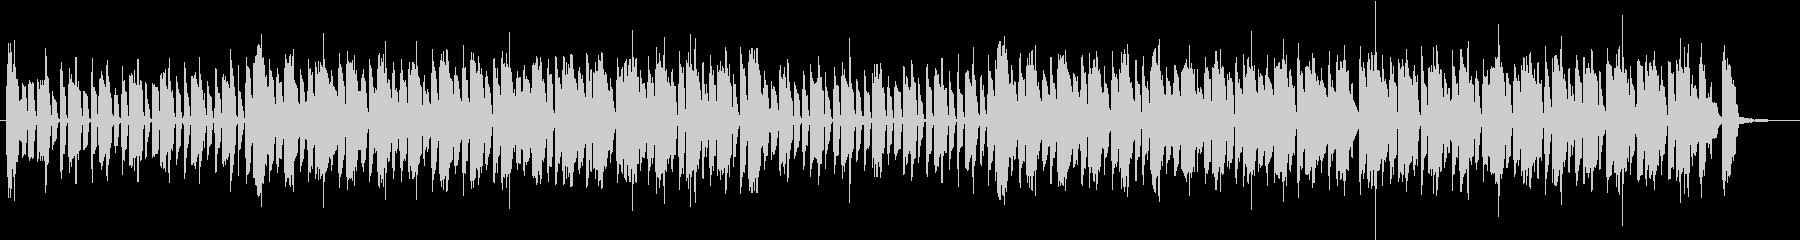 騒がしい日常系の音楽の未再生の波形